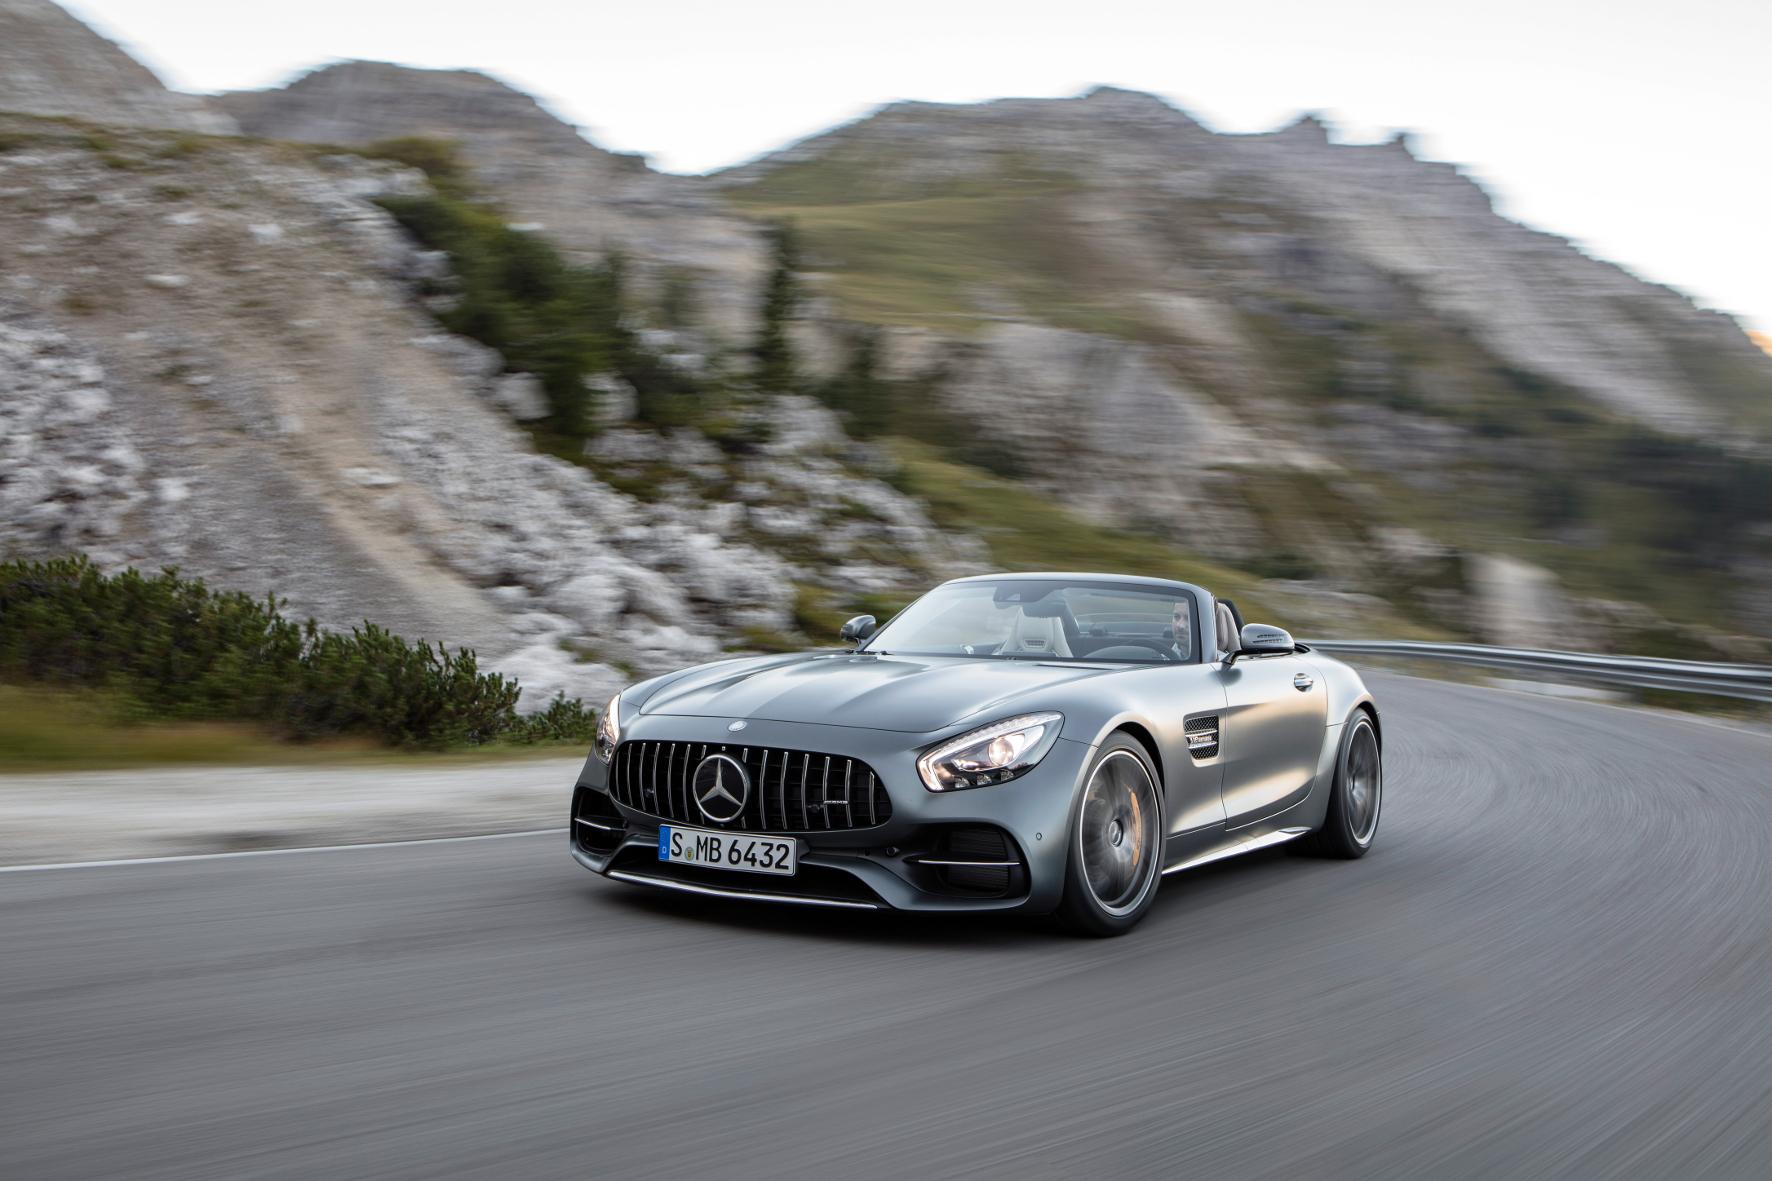 mid Groß-Gerau - Der Mercedes-AMG GT liegt auch als Roadster gut im Wind. Seine Premiere feiert der Supersportwagen auf dem Pariser Automobilsalon.